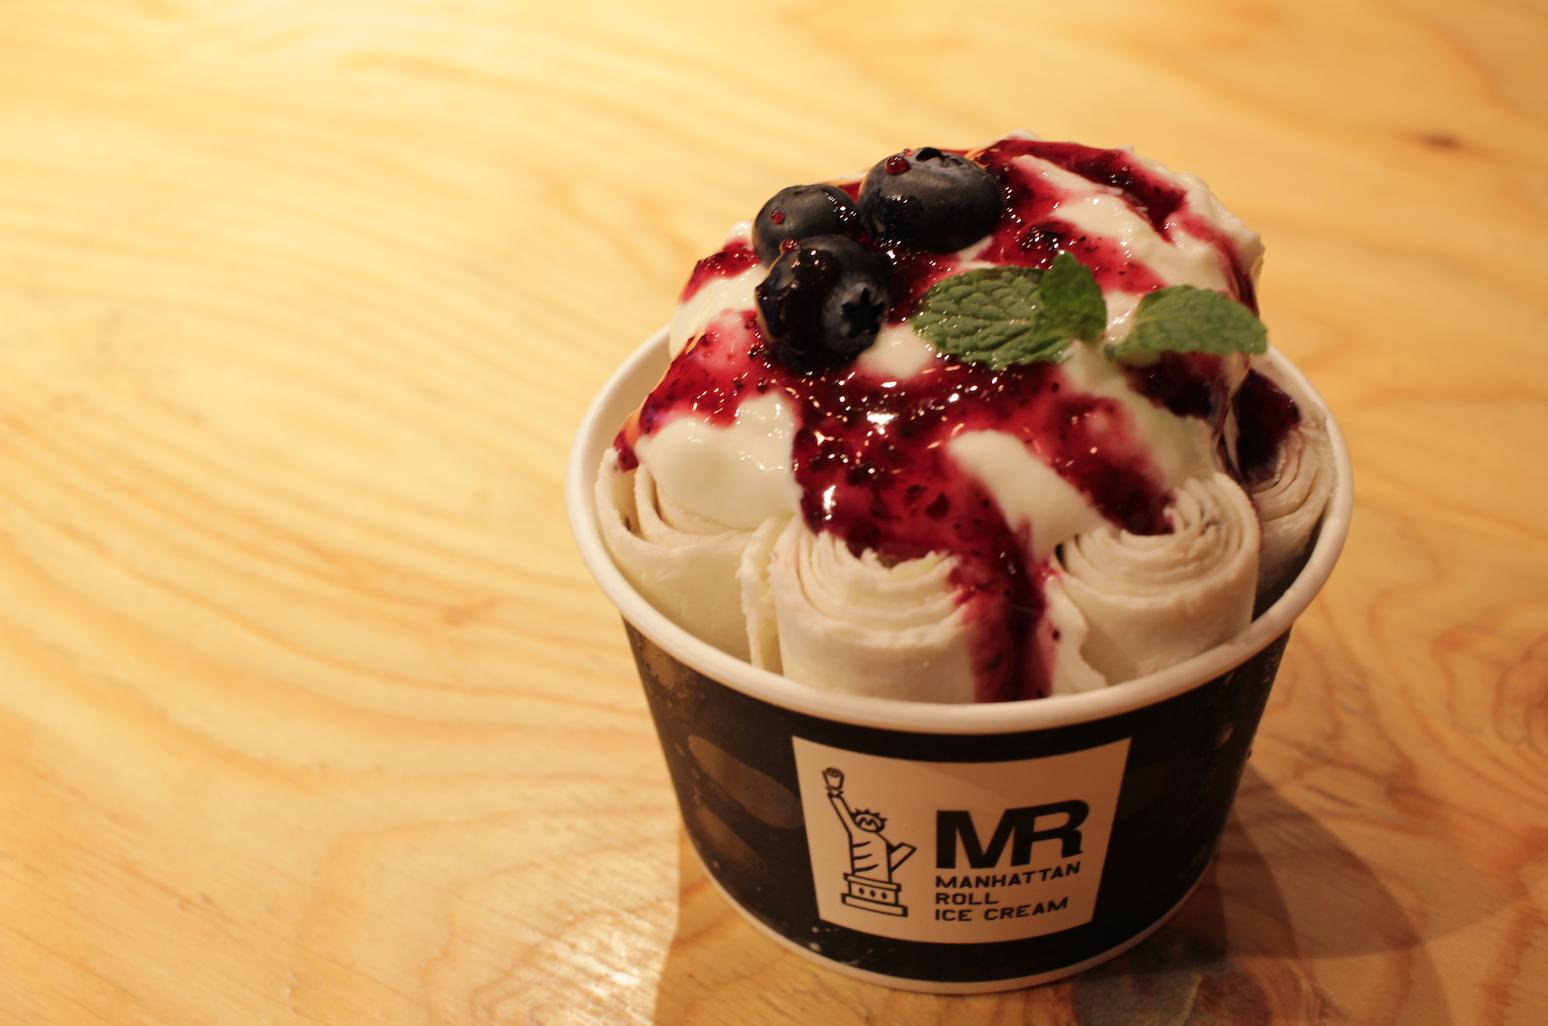 「マンハッタンロールアイスクリーム」が2019年春夏の新作メニューを4月から販売 - sub2 2